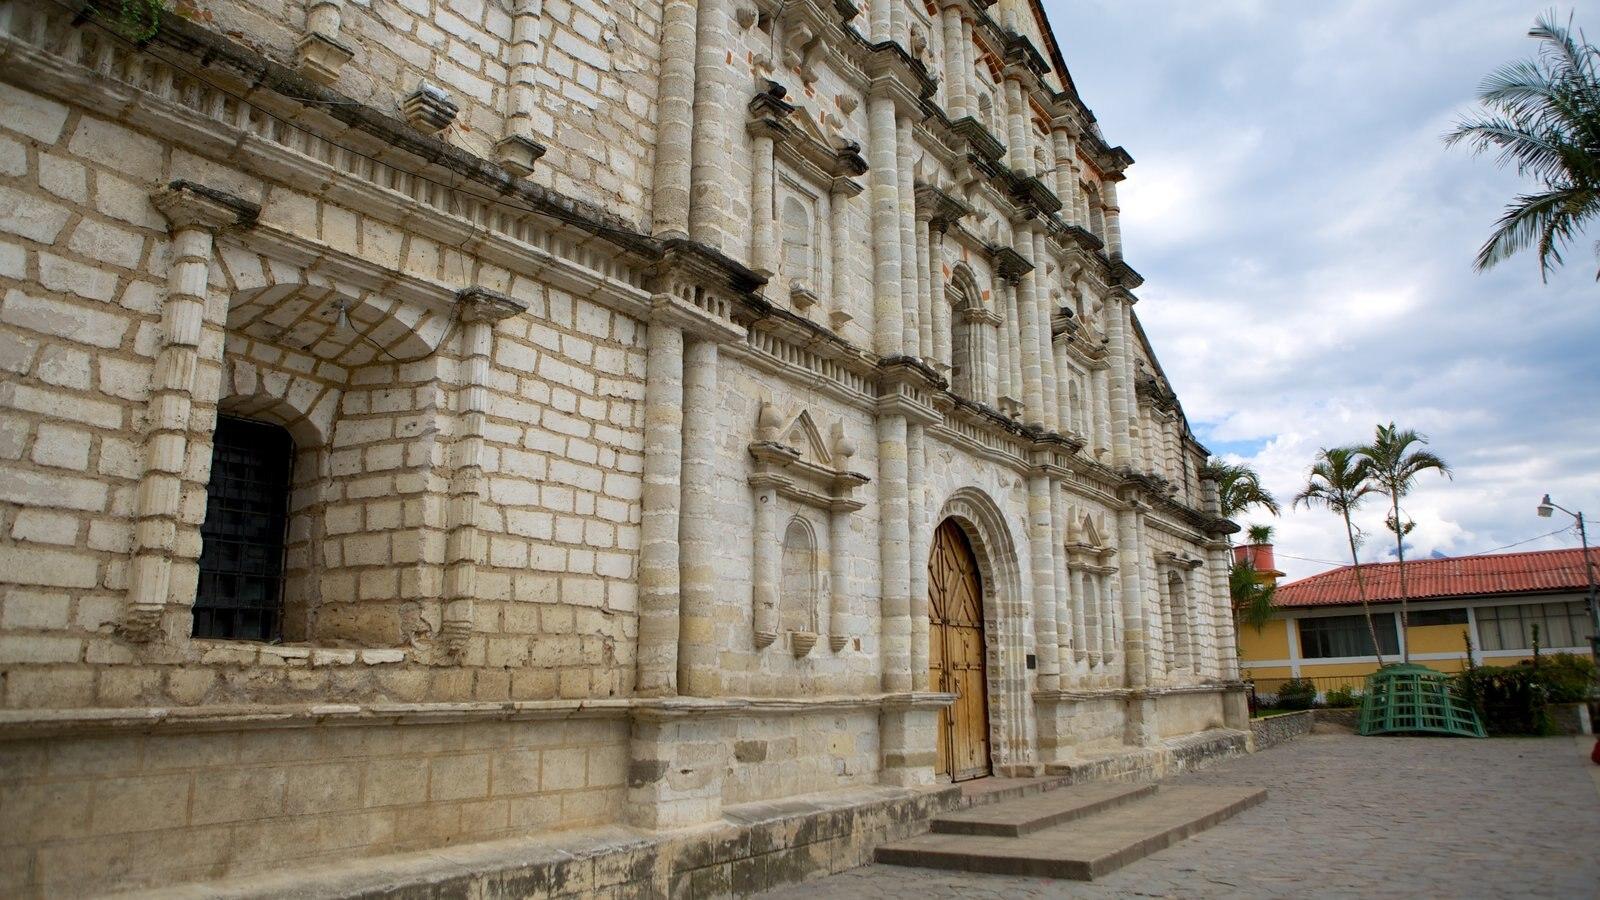 Igreja de São Francisco que inclui arquitetura de patrimônio, uma igreja ou catedral e cenas de rua